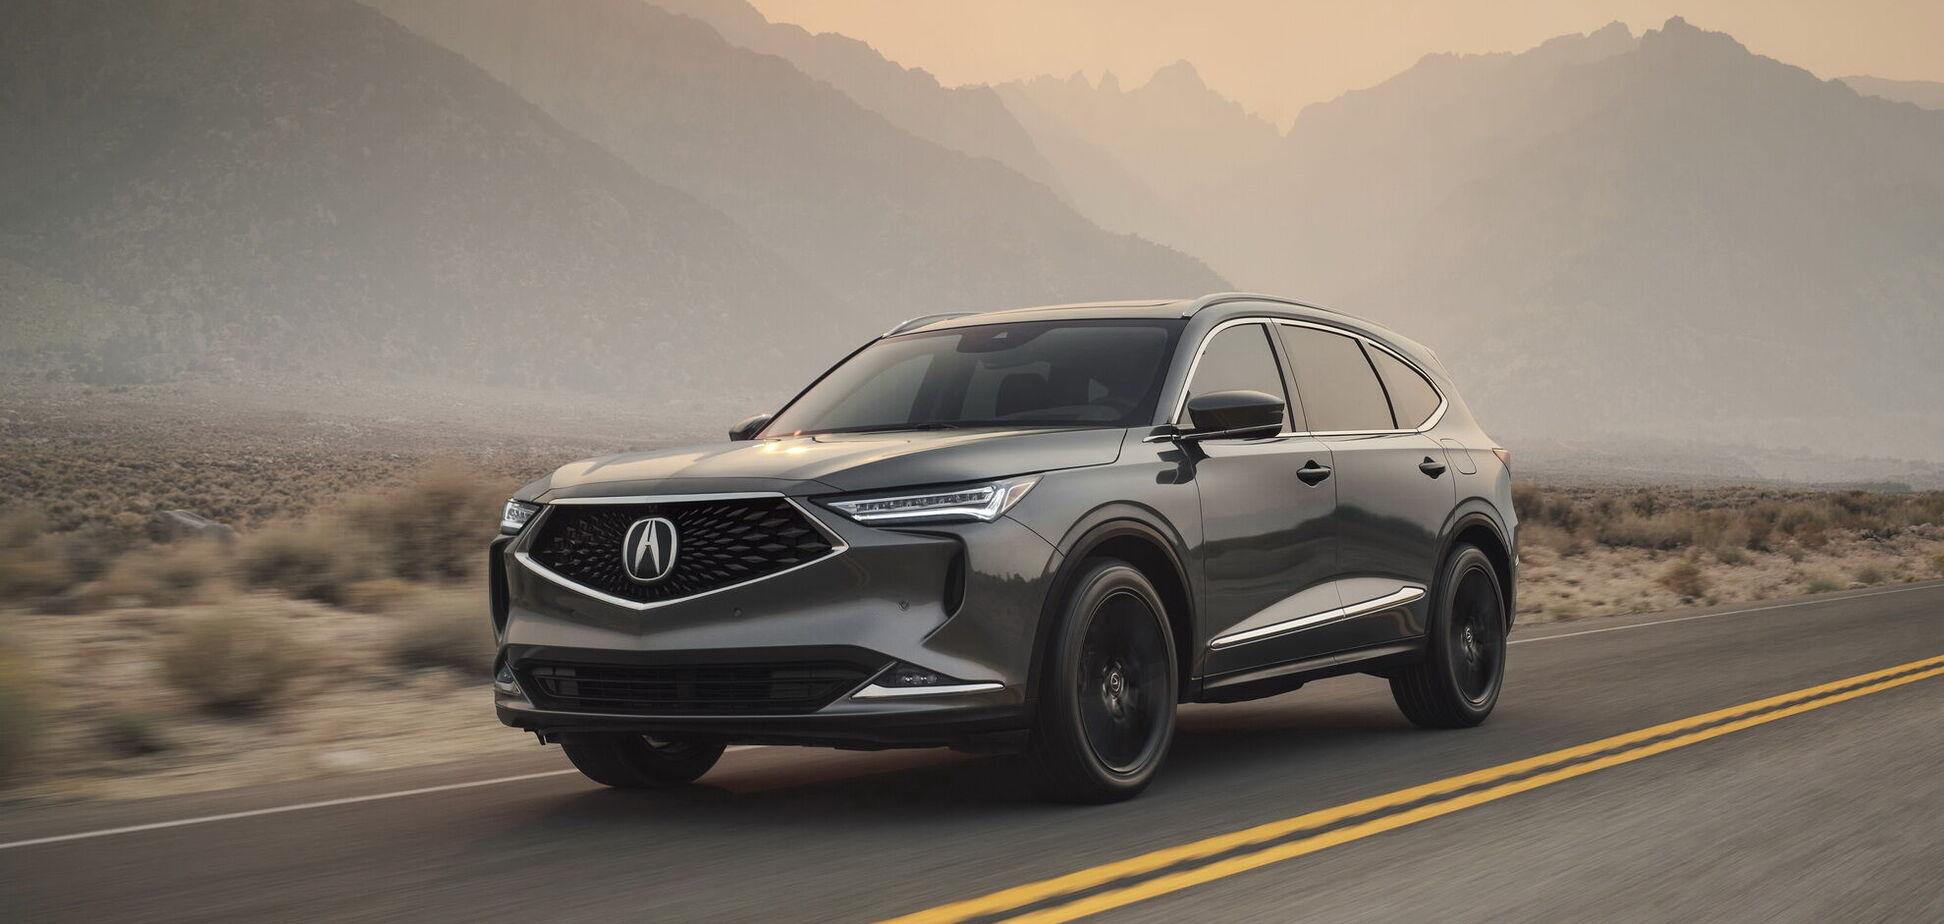 Acura представила флагманський кросовер MDX